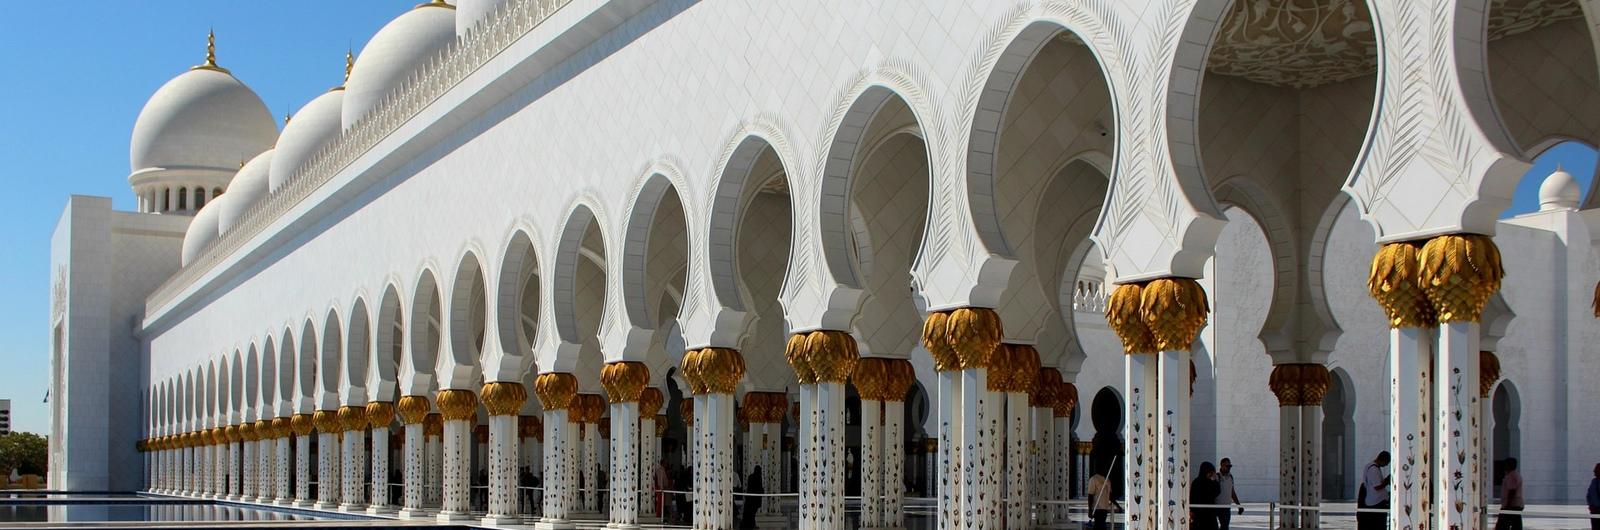 abudhabi city header 1